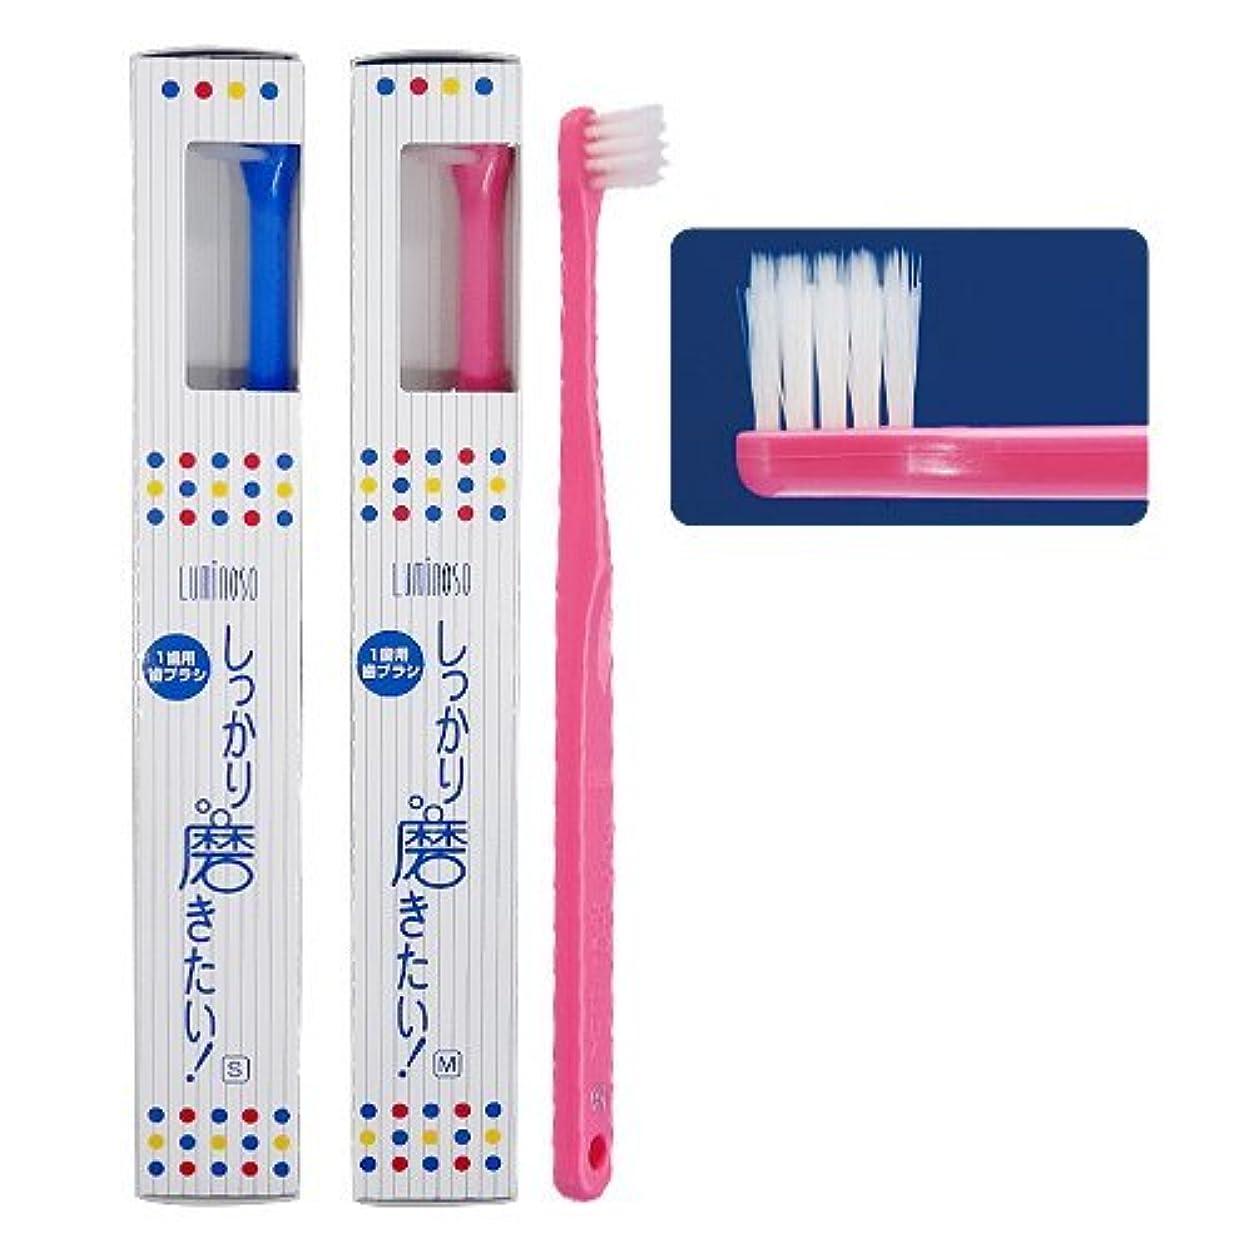 オーストラリアエスカレーター欲しいですルミノソ 1歯用歯ブラシ「しっかり磨きたい!」スタンダード ミディアム (カラー指定不可) 5本